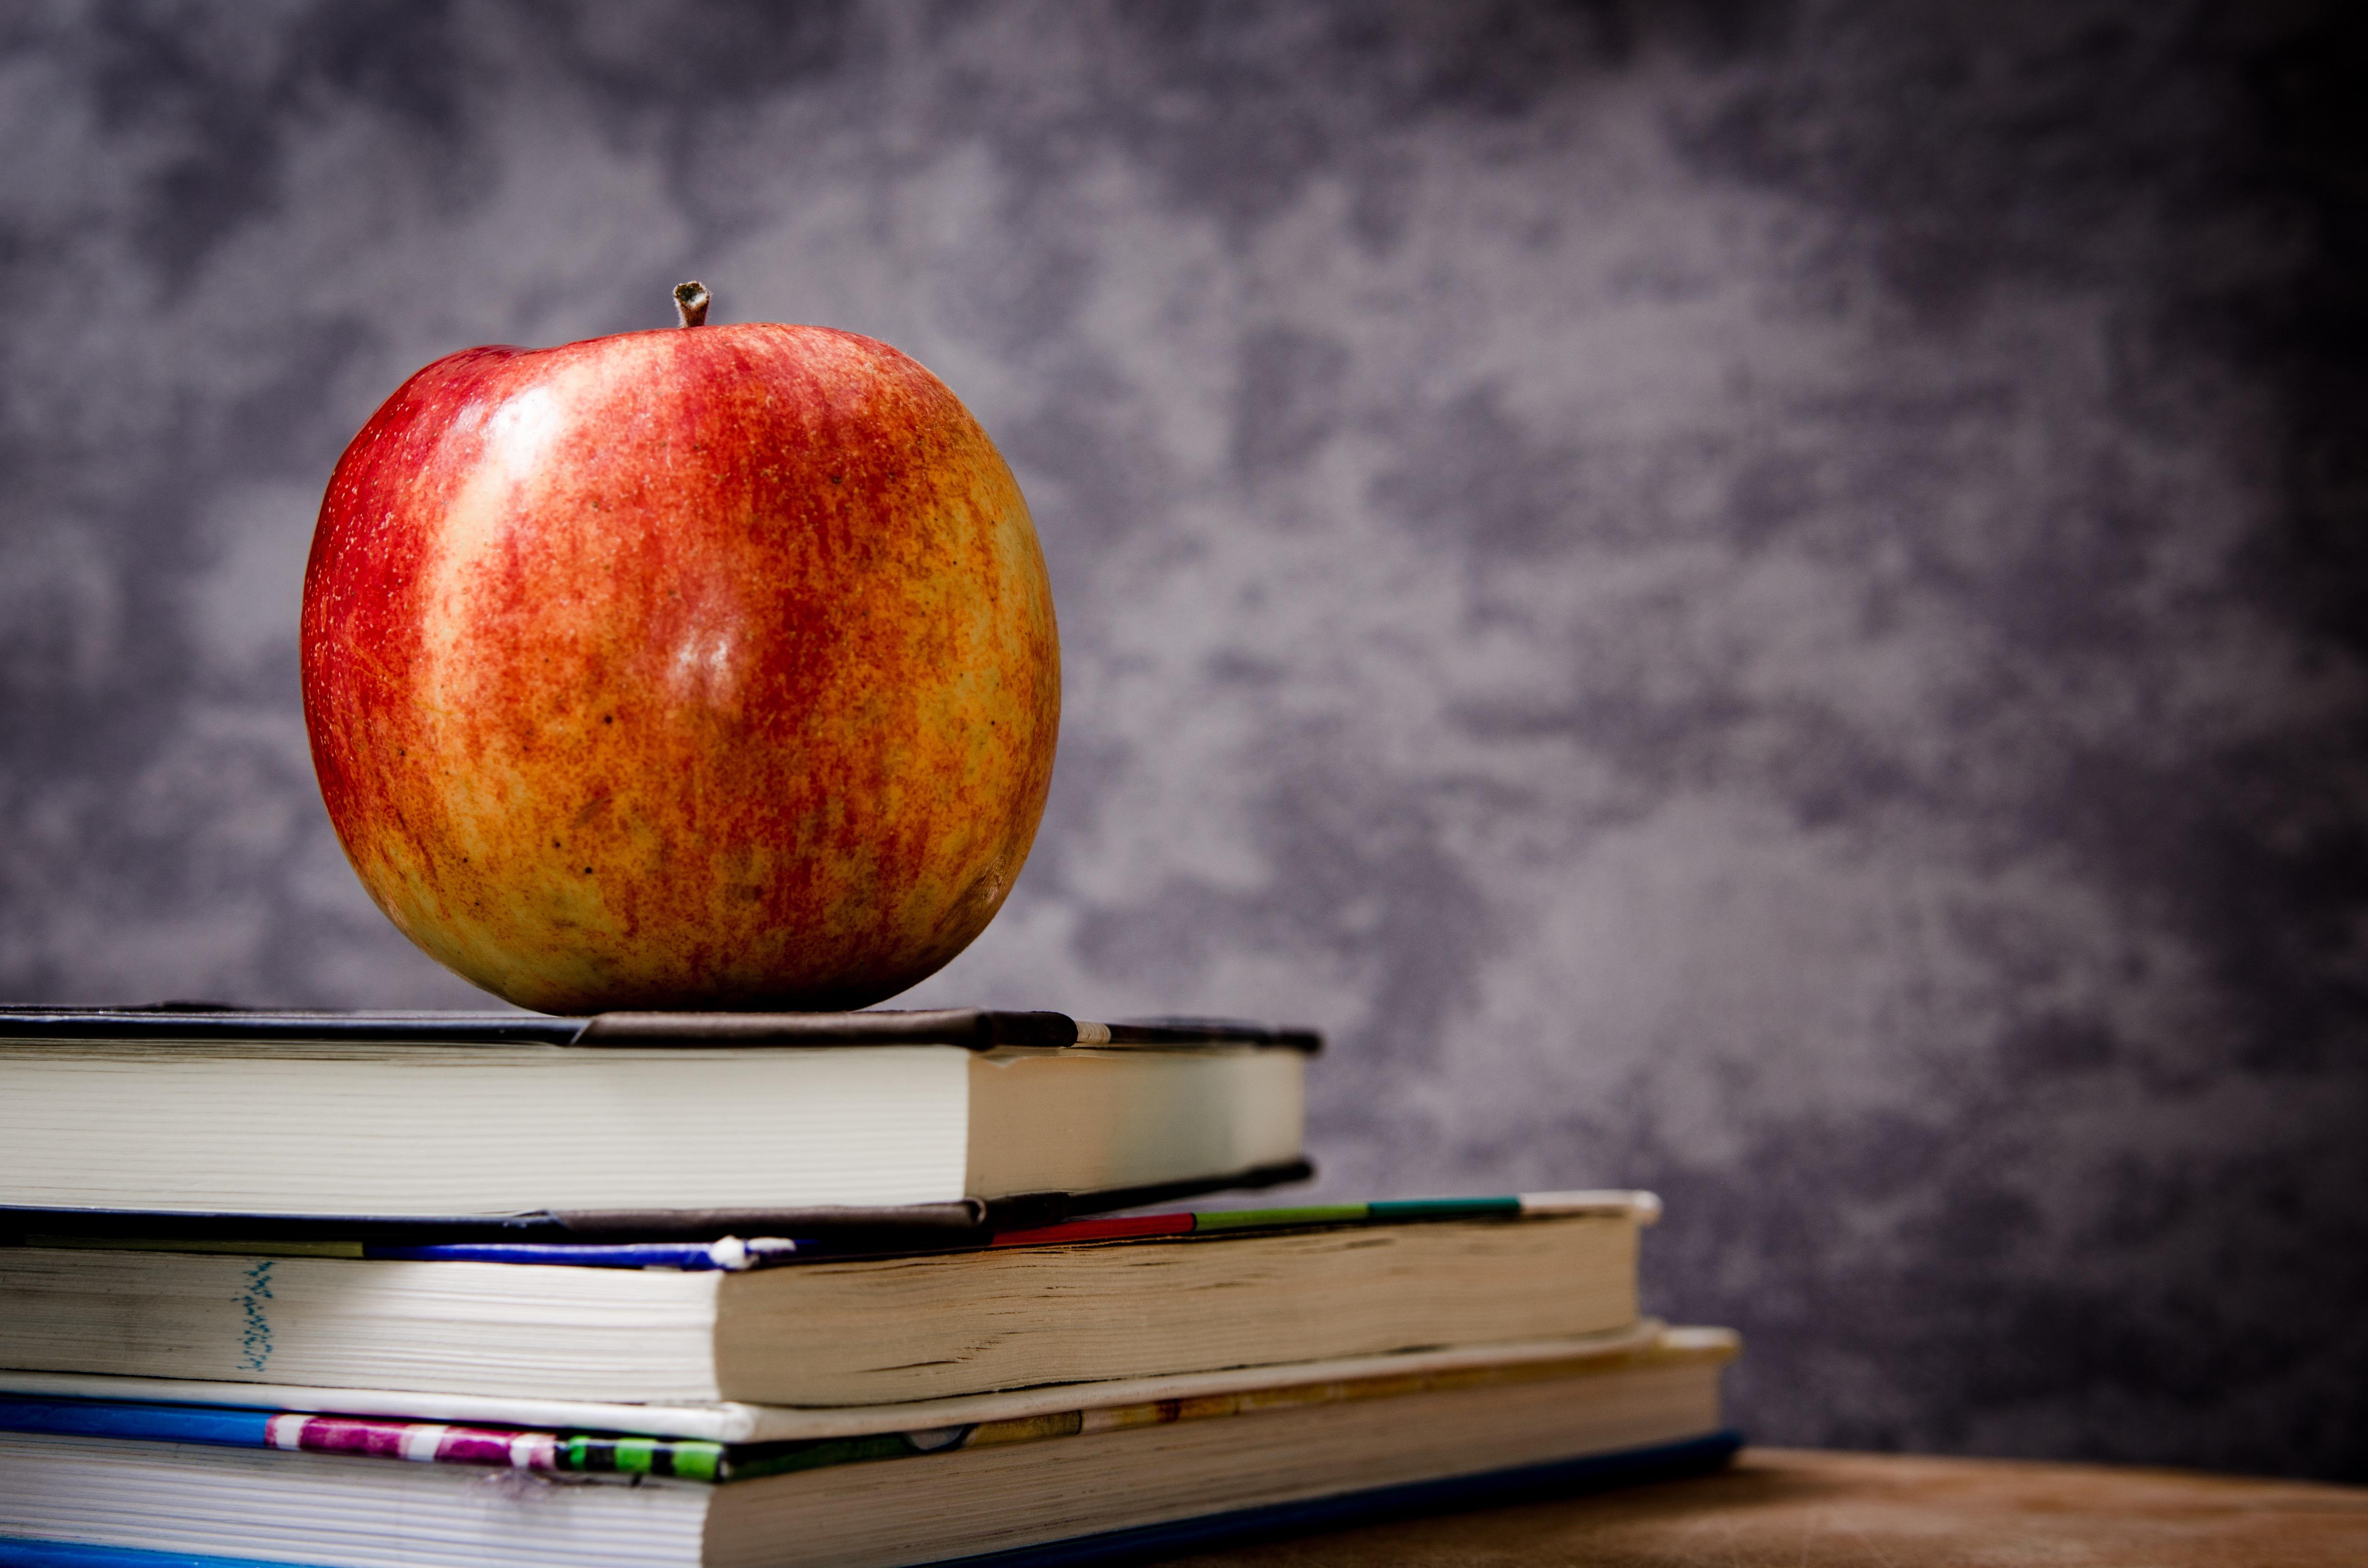 本の上にリンゴが乗っている画像